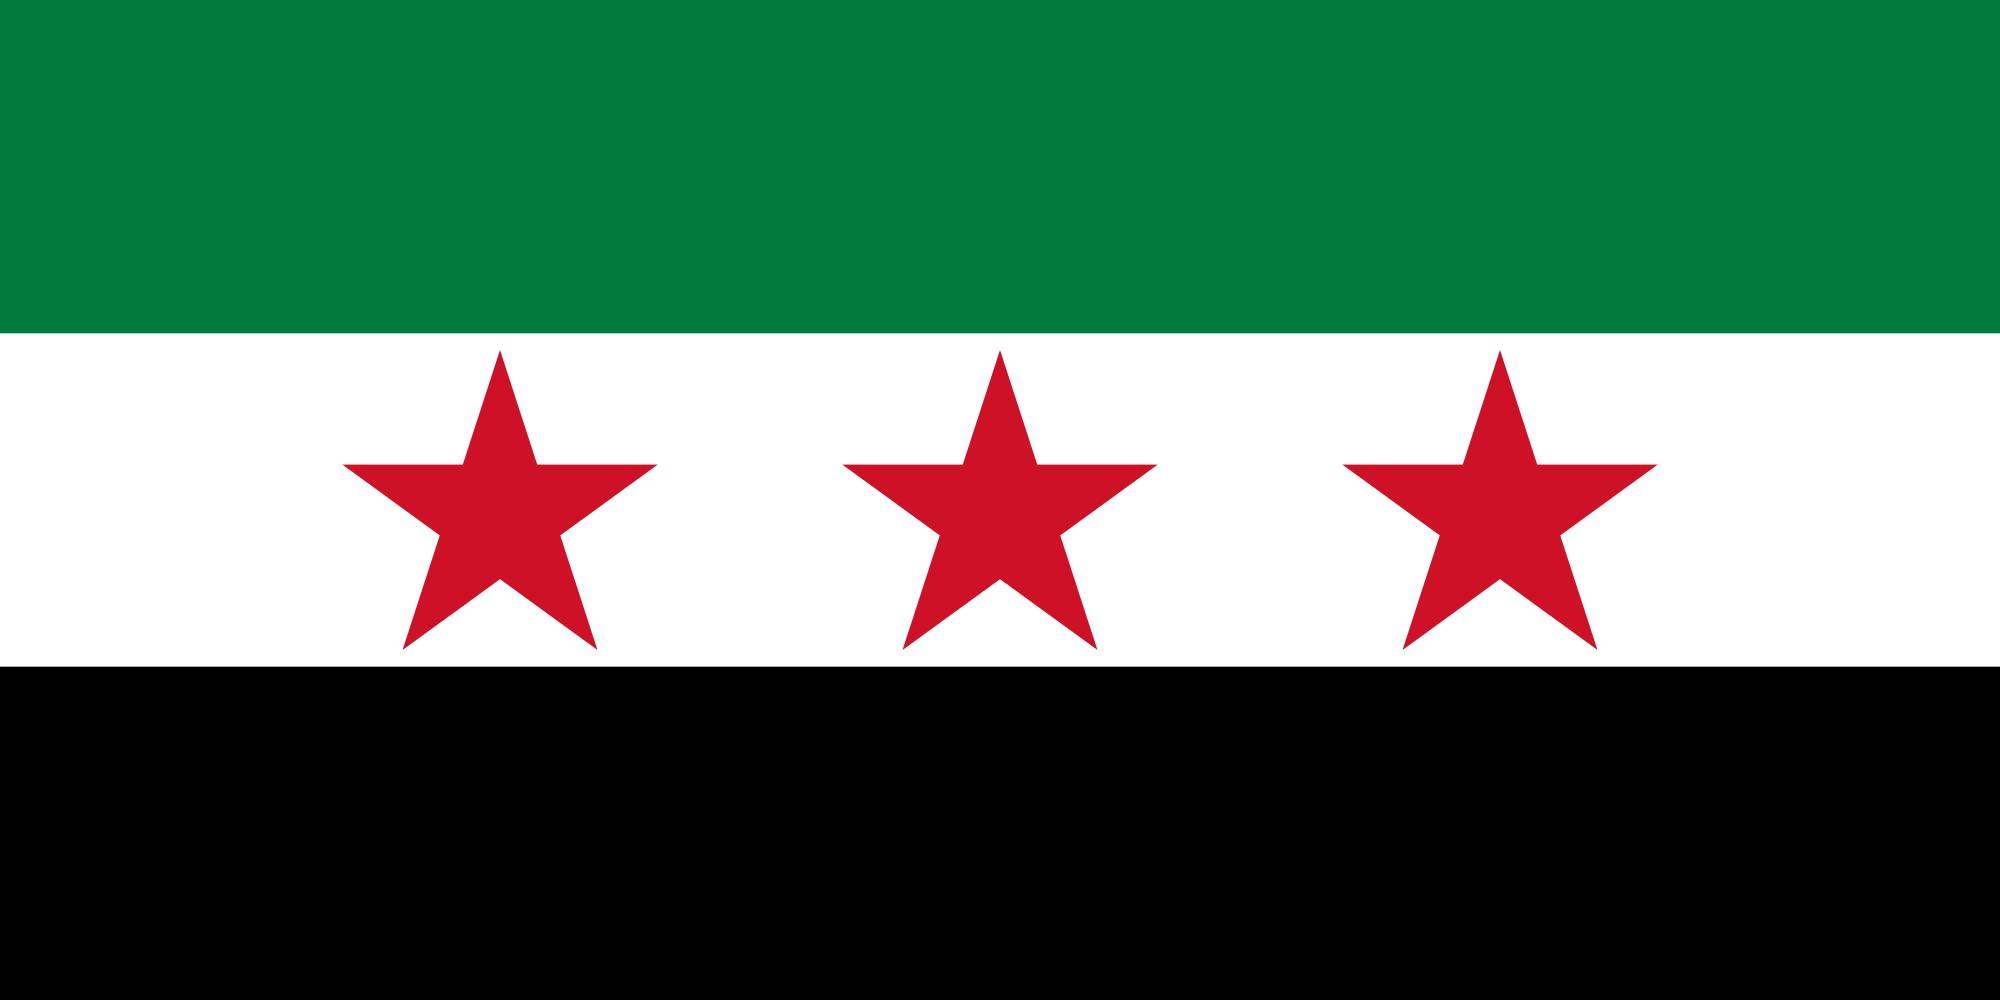 معلومات عن دولة سوريا .. إليك كل ماترغب في معرفته عن الجمهورية السورية واقتصادها